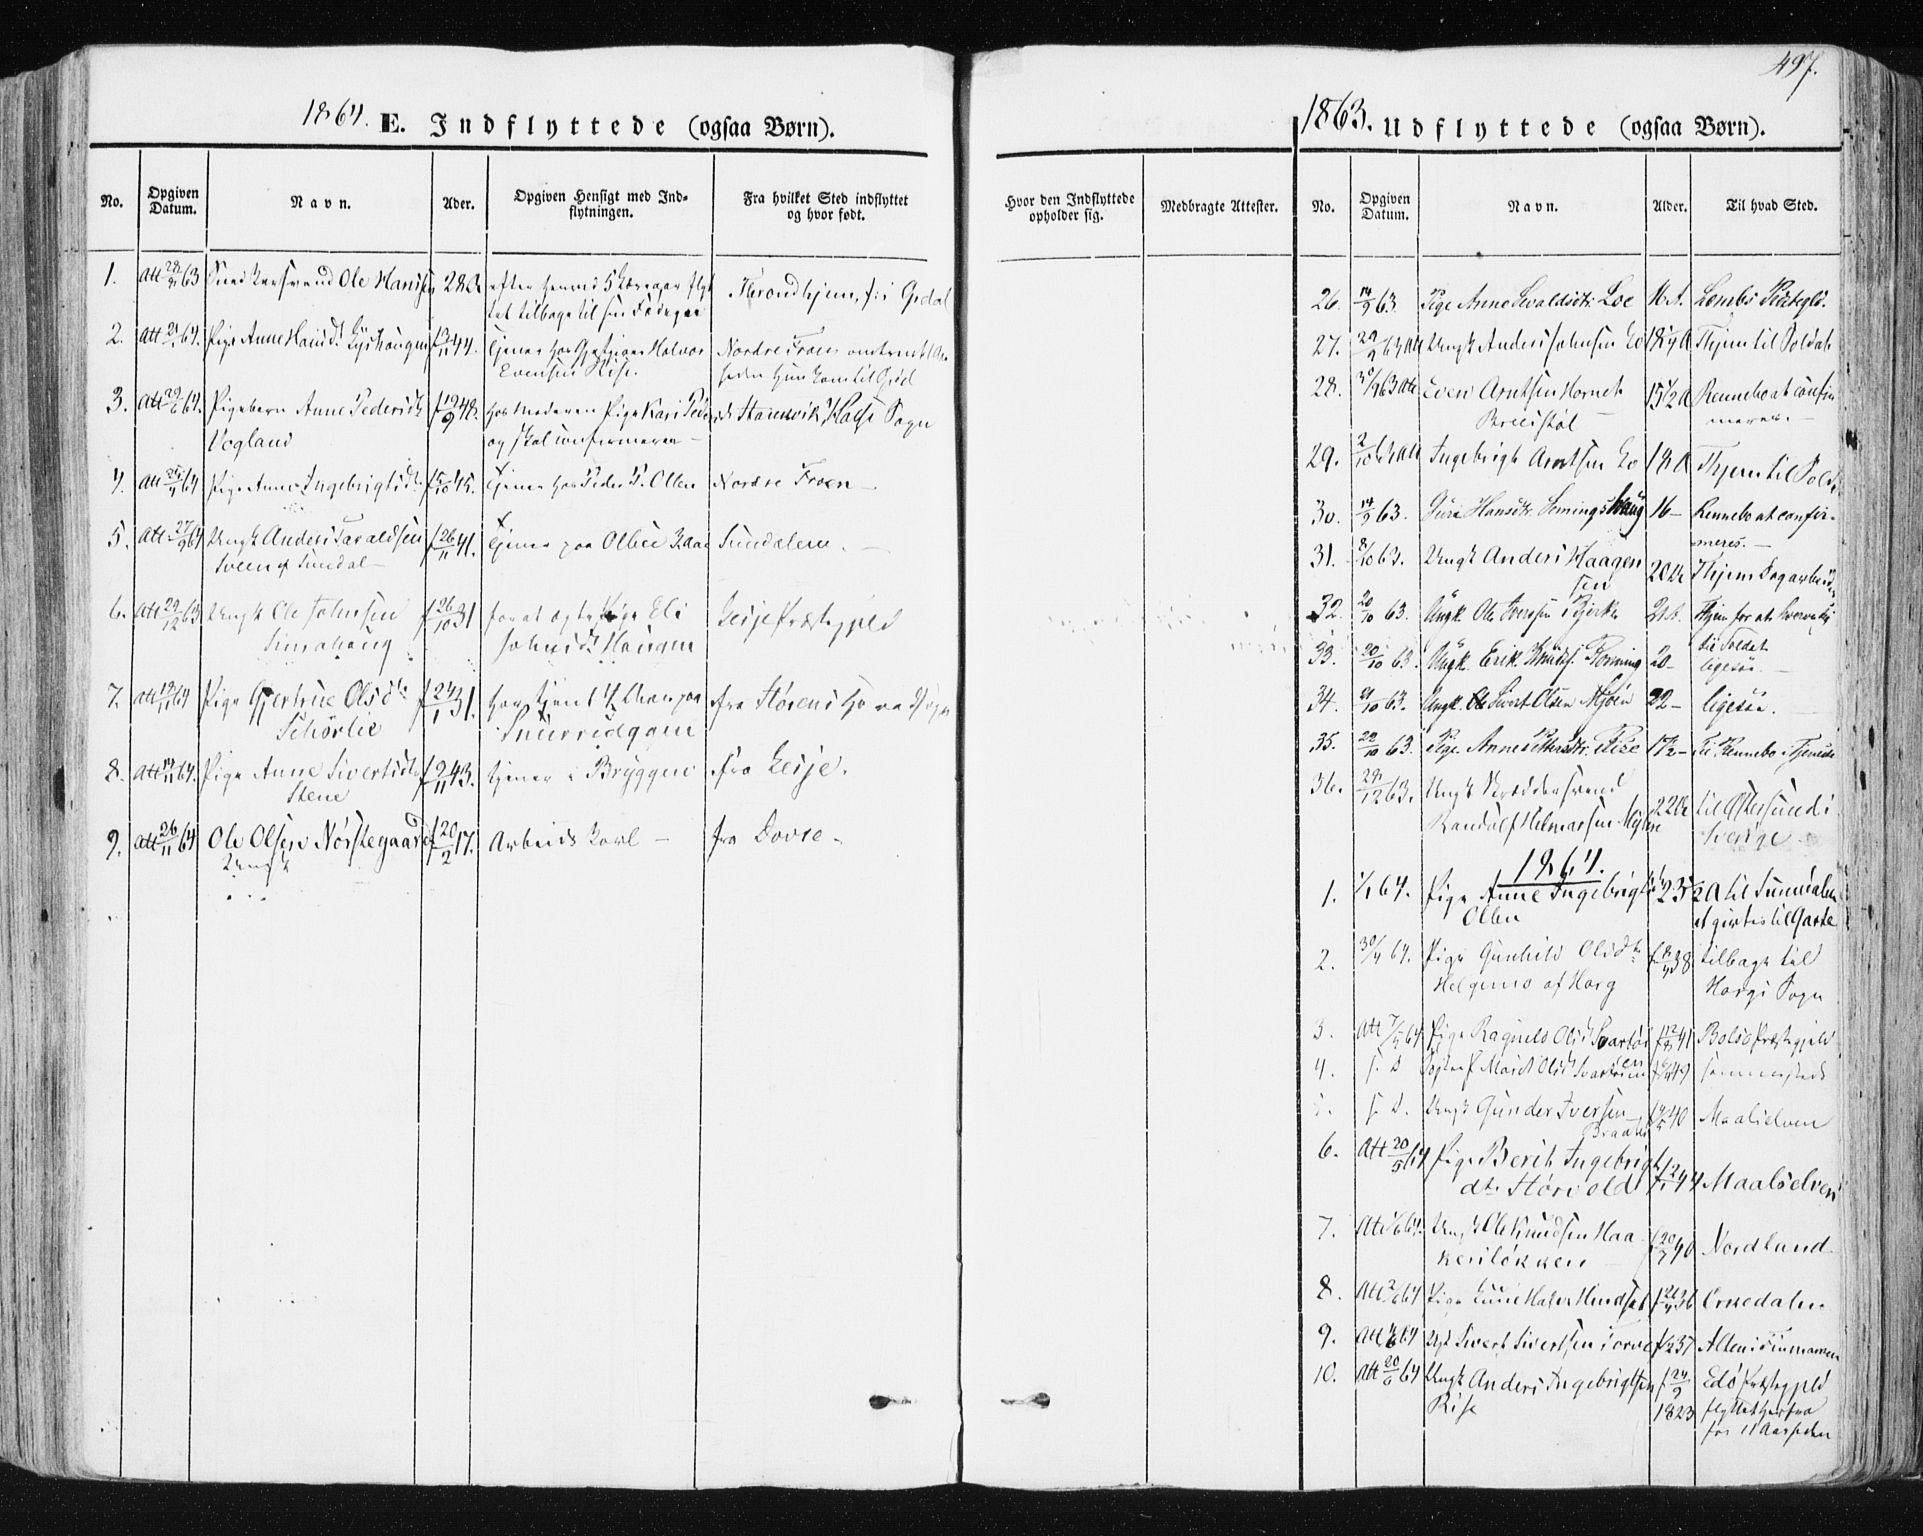 SAT, Ministerialprotokoller, klokkerbøker og fødselsregistre - Sør-Trøndelag, 678/L0899: Ministerialbok nr. 678A08, 1848-1872, s. 497